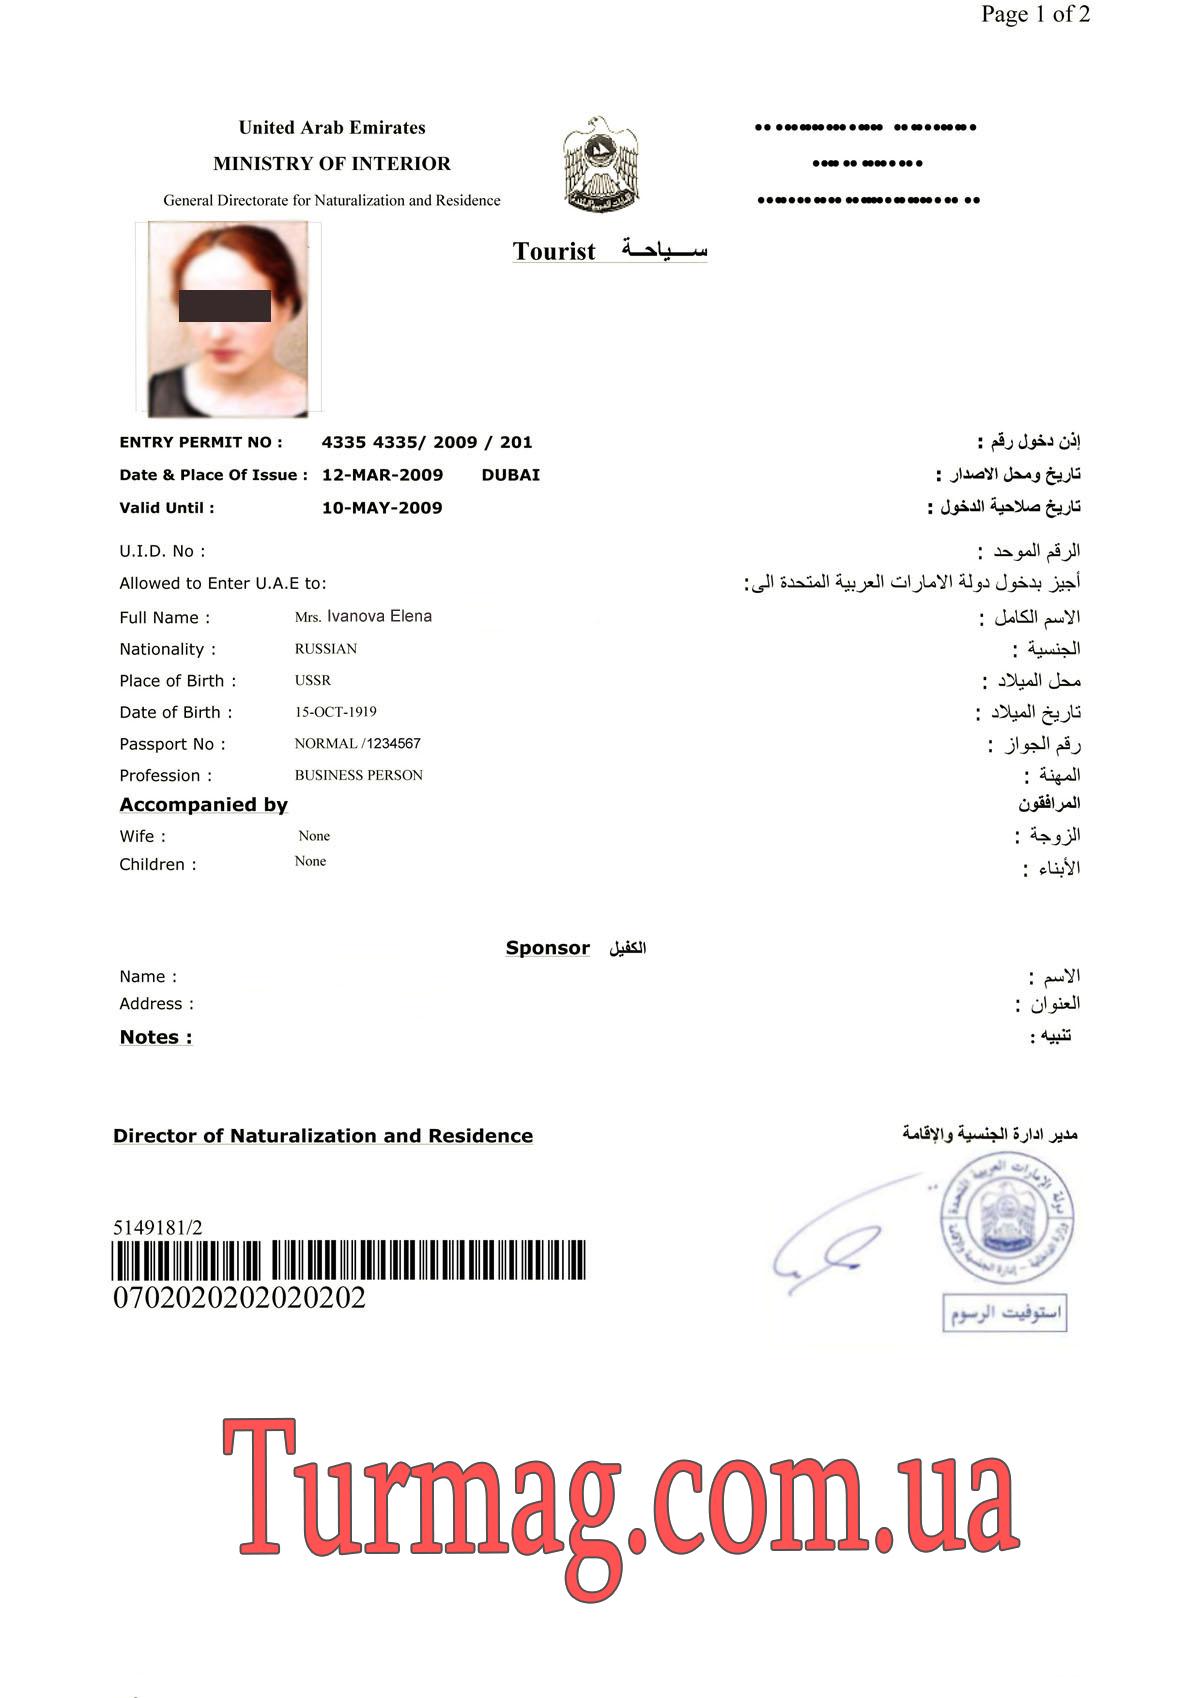 Внешний вид электронной визы в ОАЭ